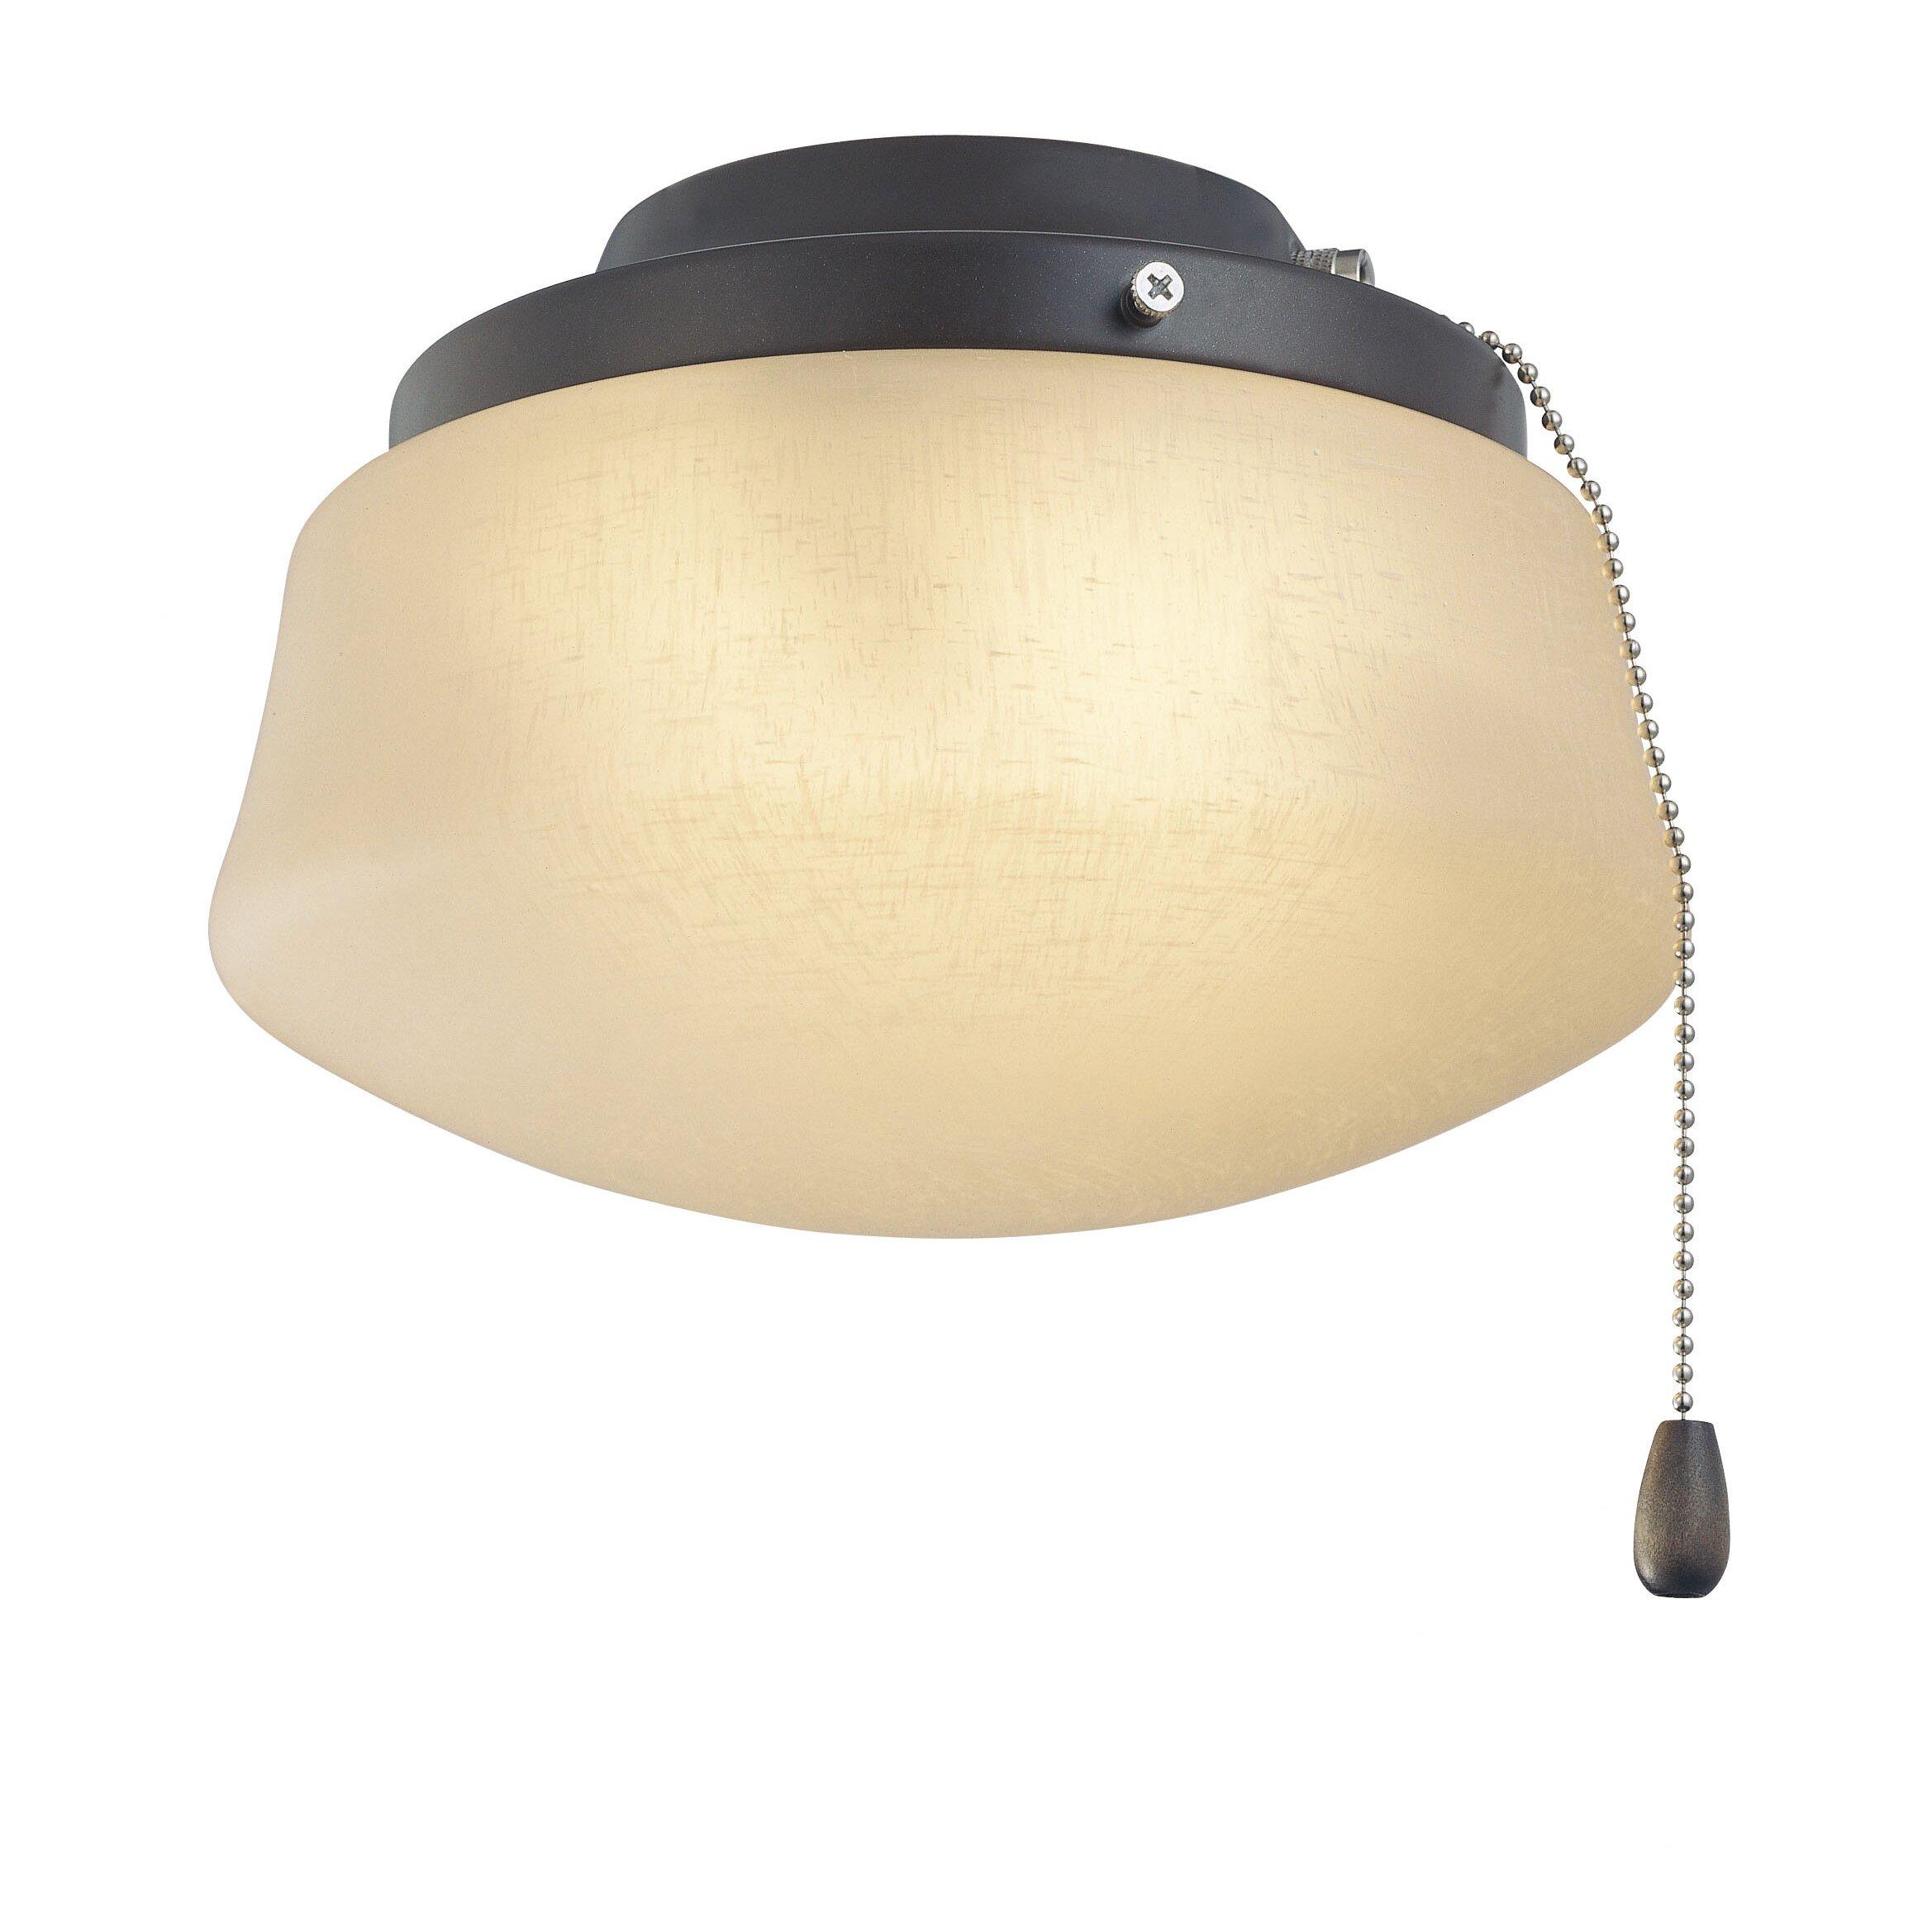 Fanimation 1 Light Schoolhouse Ceiling Fan Light Kit